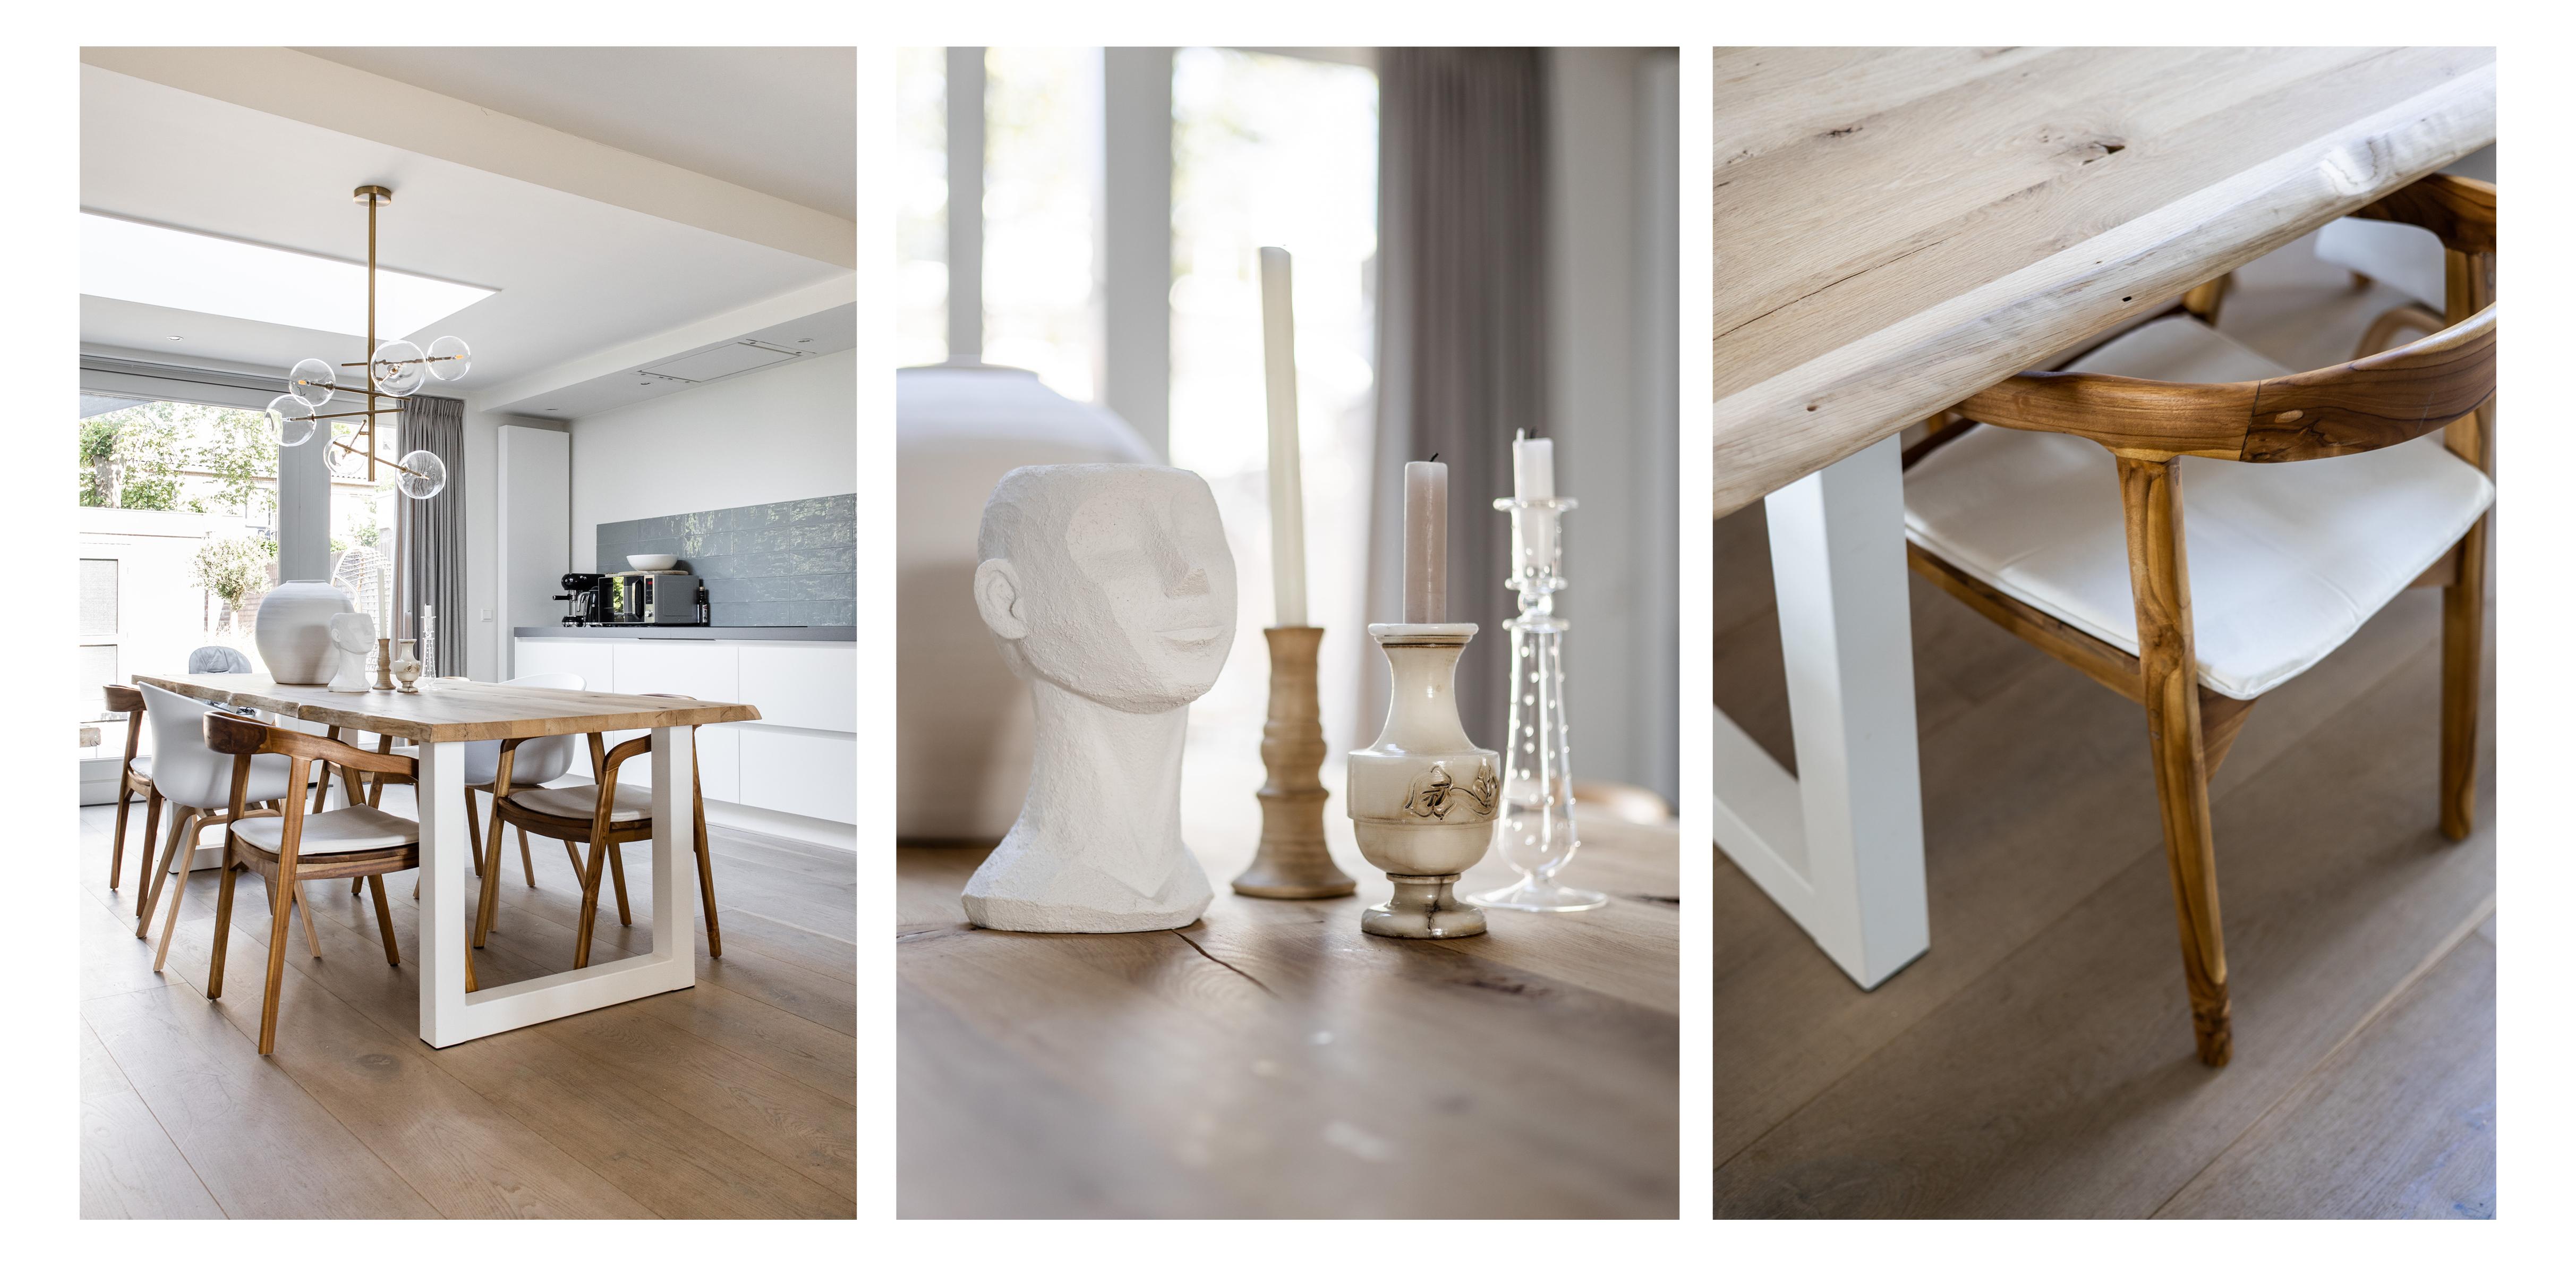 Binnenkijker, eethoek, woonkamer, interieur, homedecoration, interieurstyling, interieurinspiratie